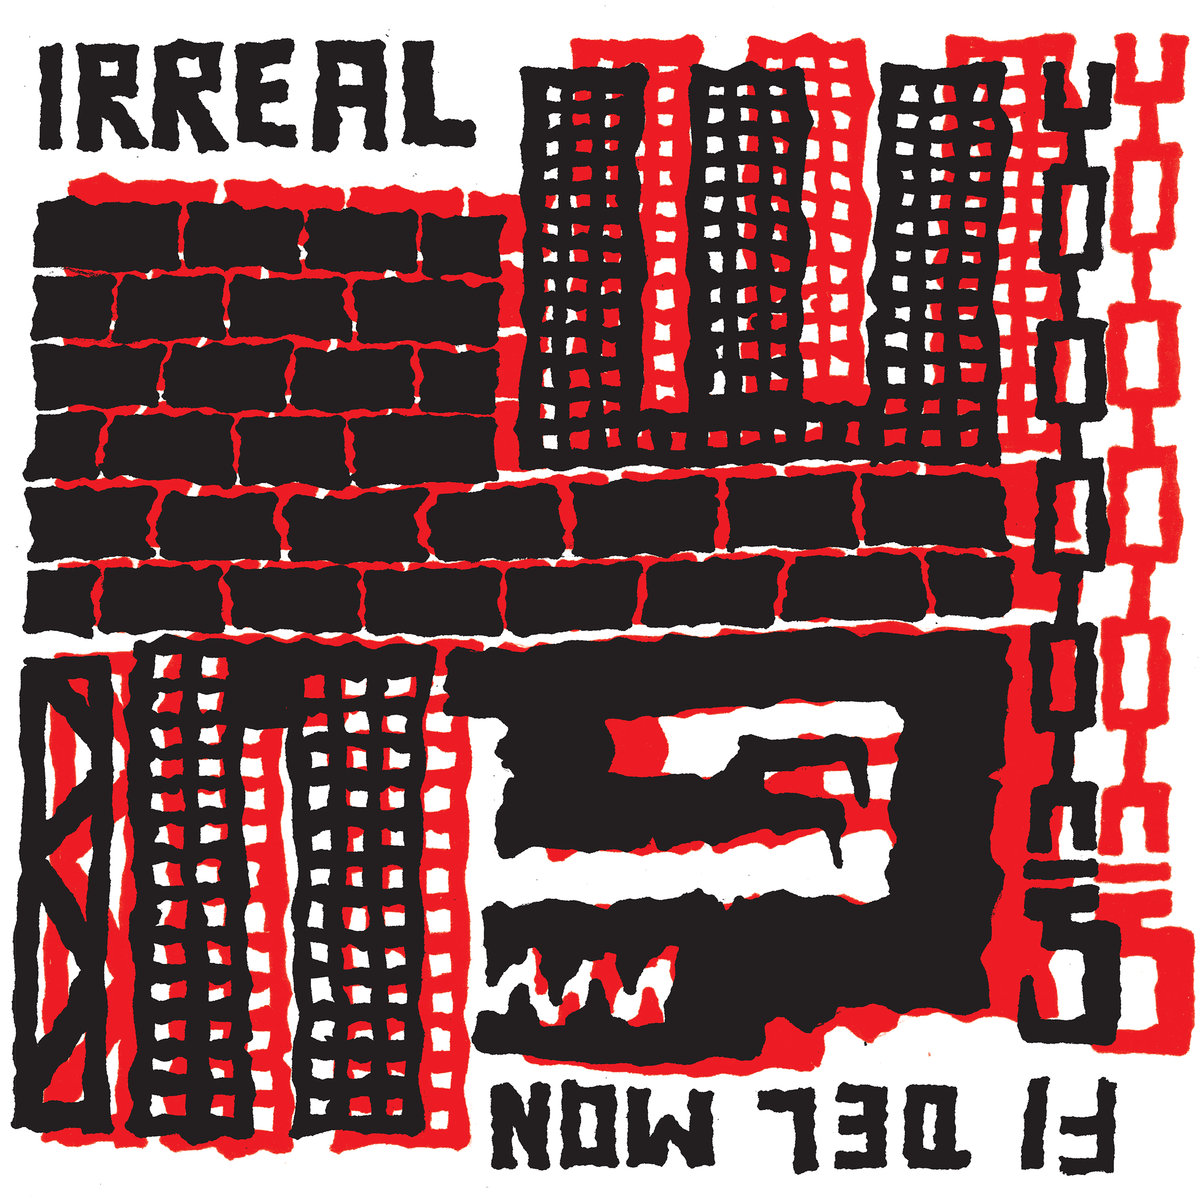 Irreal - Fi Del Mon LP